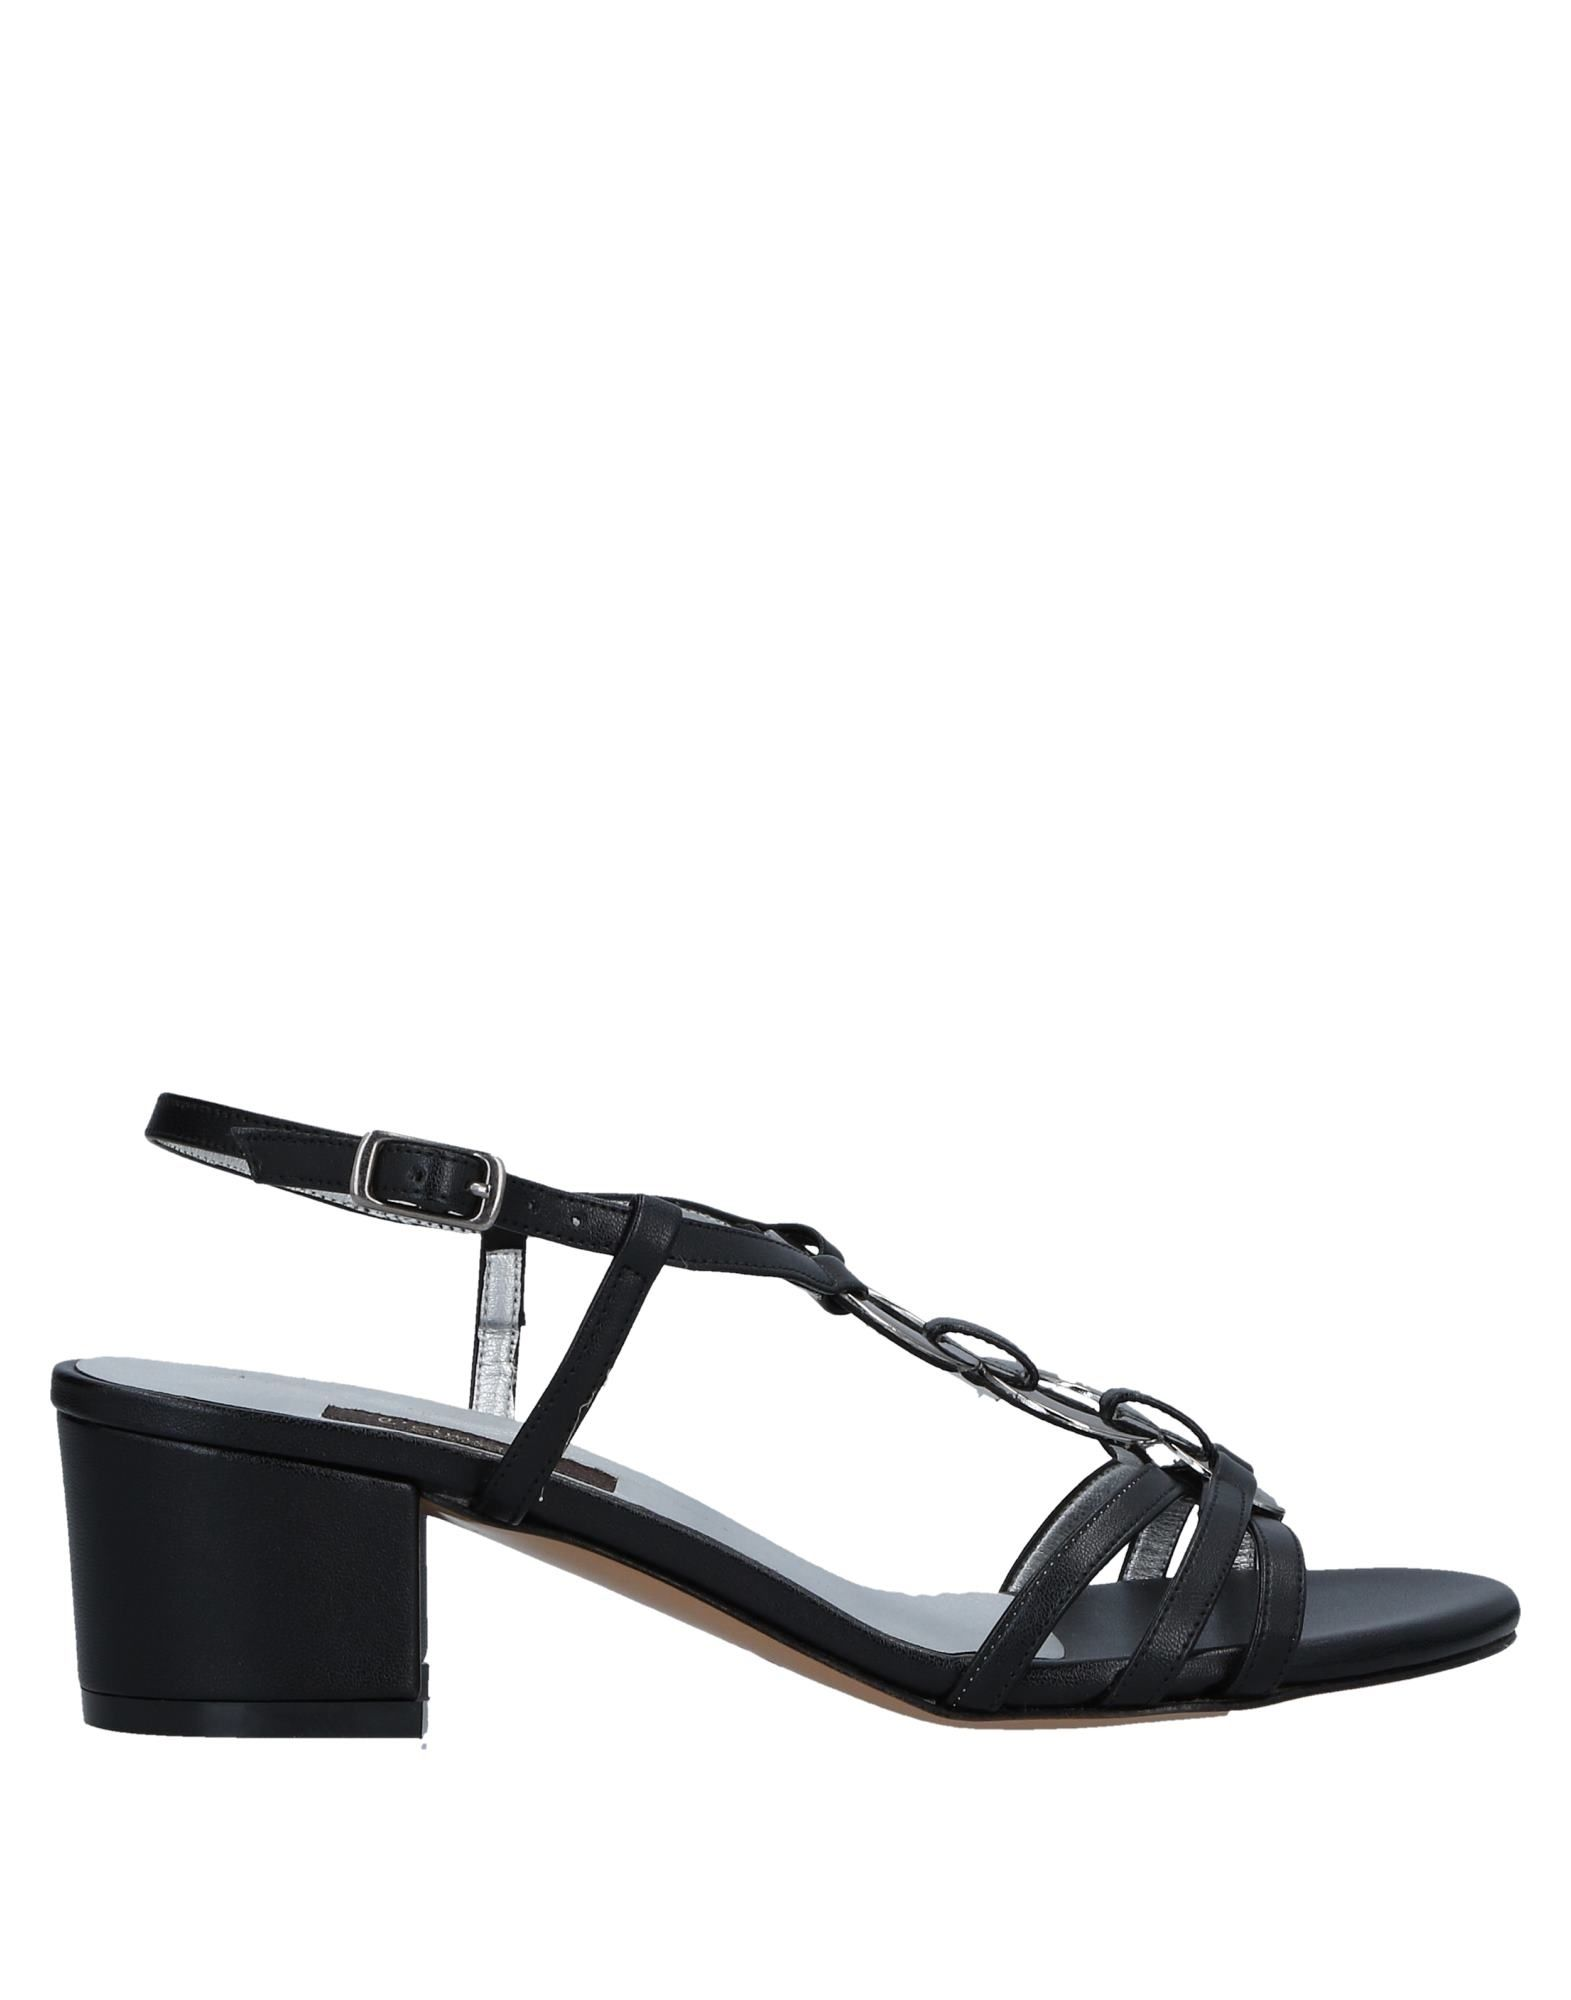 Sandali L'amour Donna - 11537268WA Scarpe economiche e buone